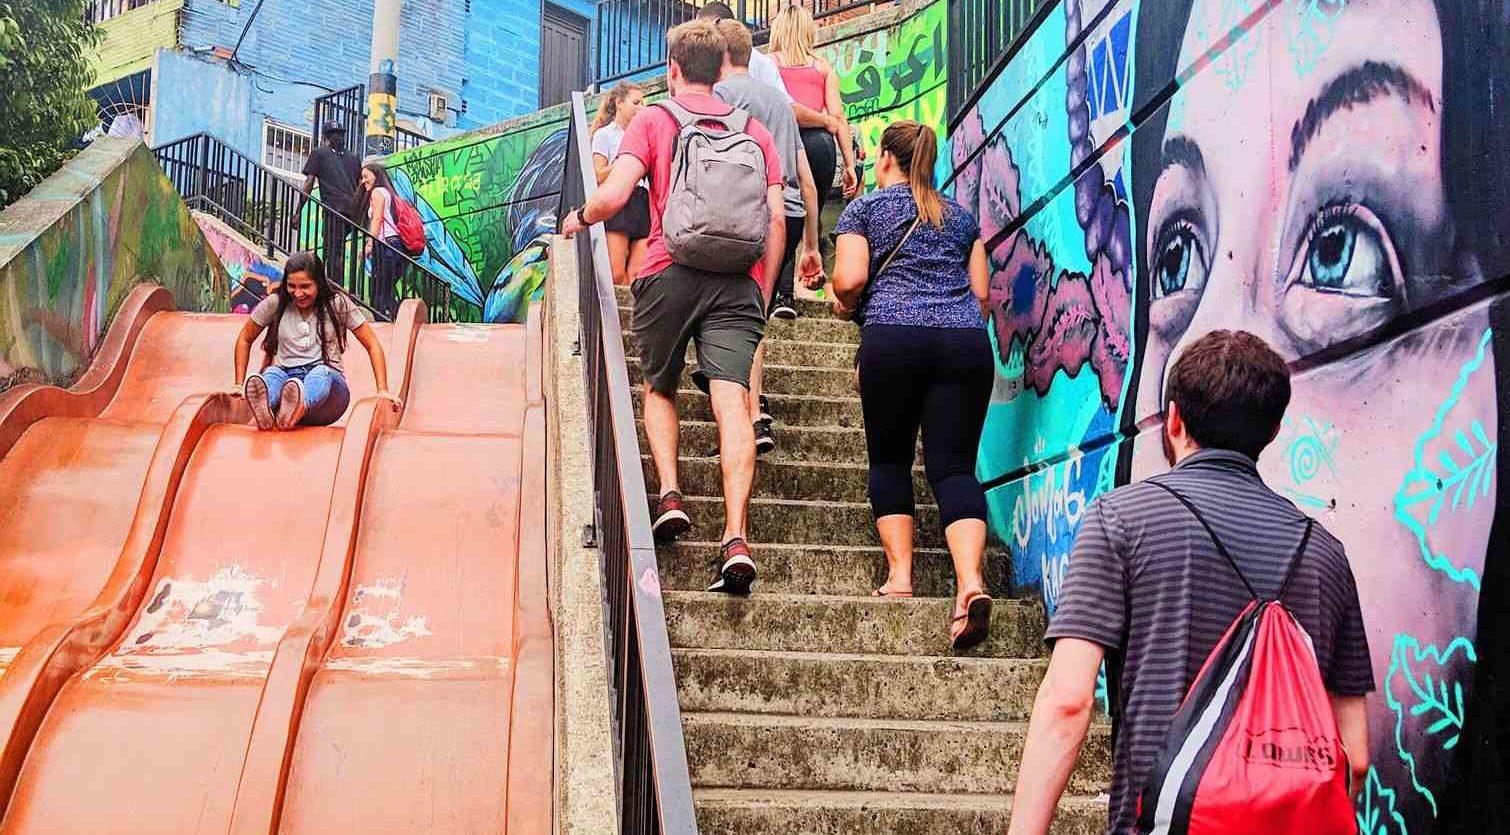 remote worker community explore Medellin